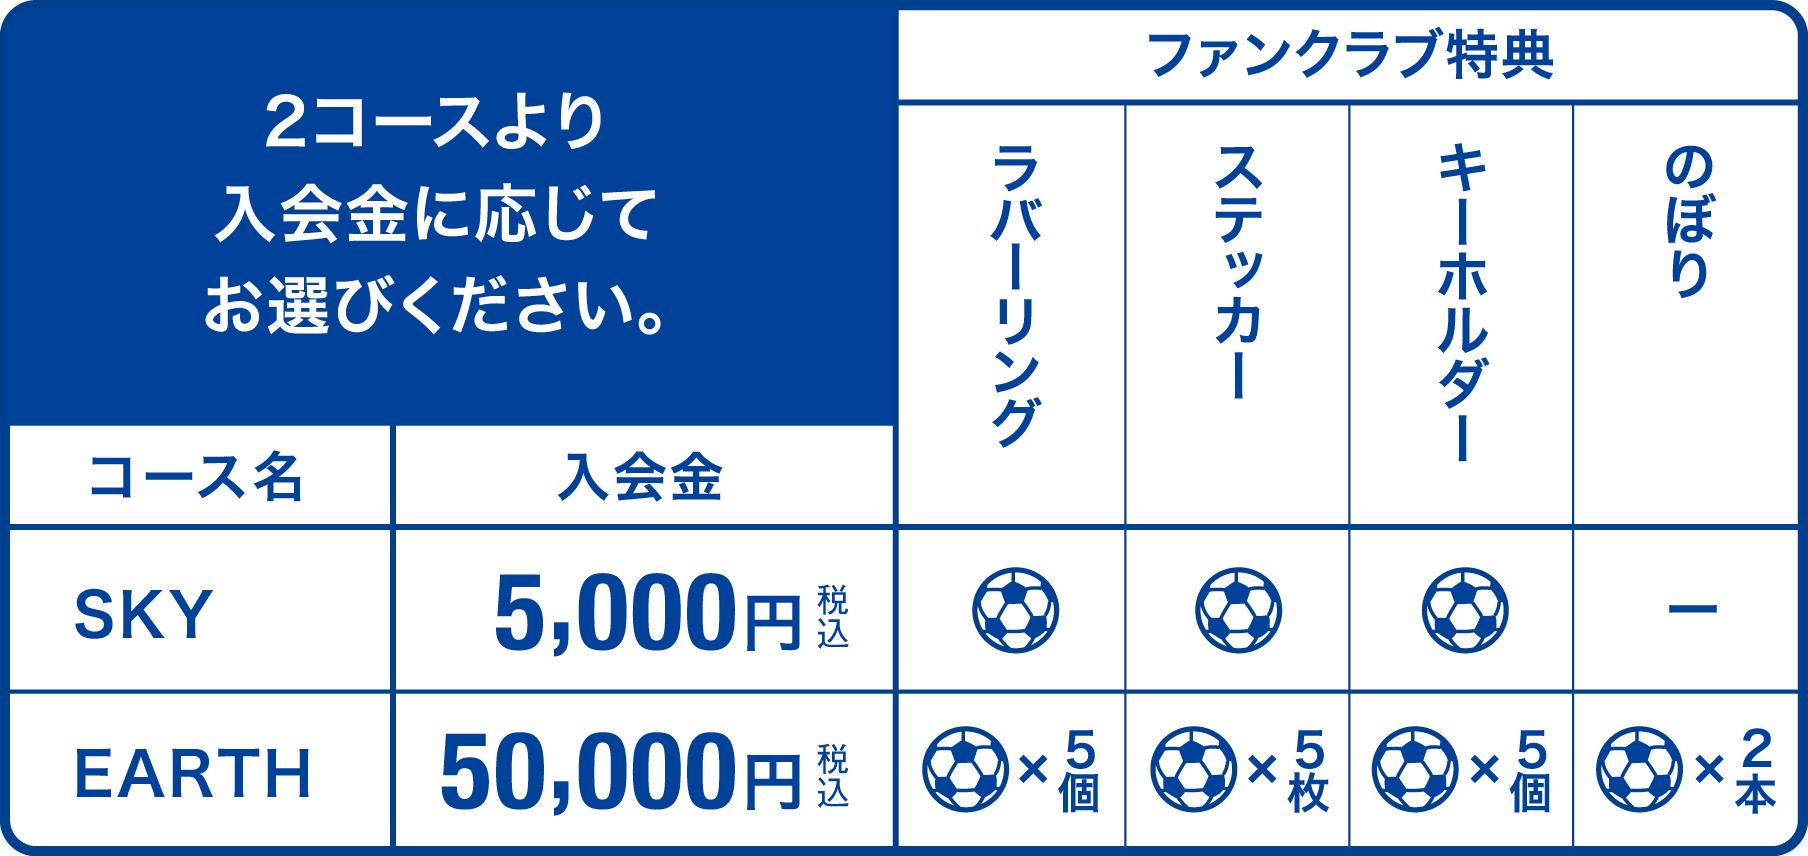 コース別特典紹介